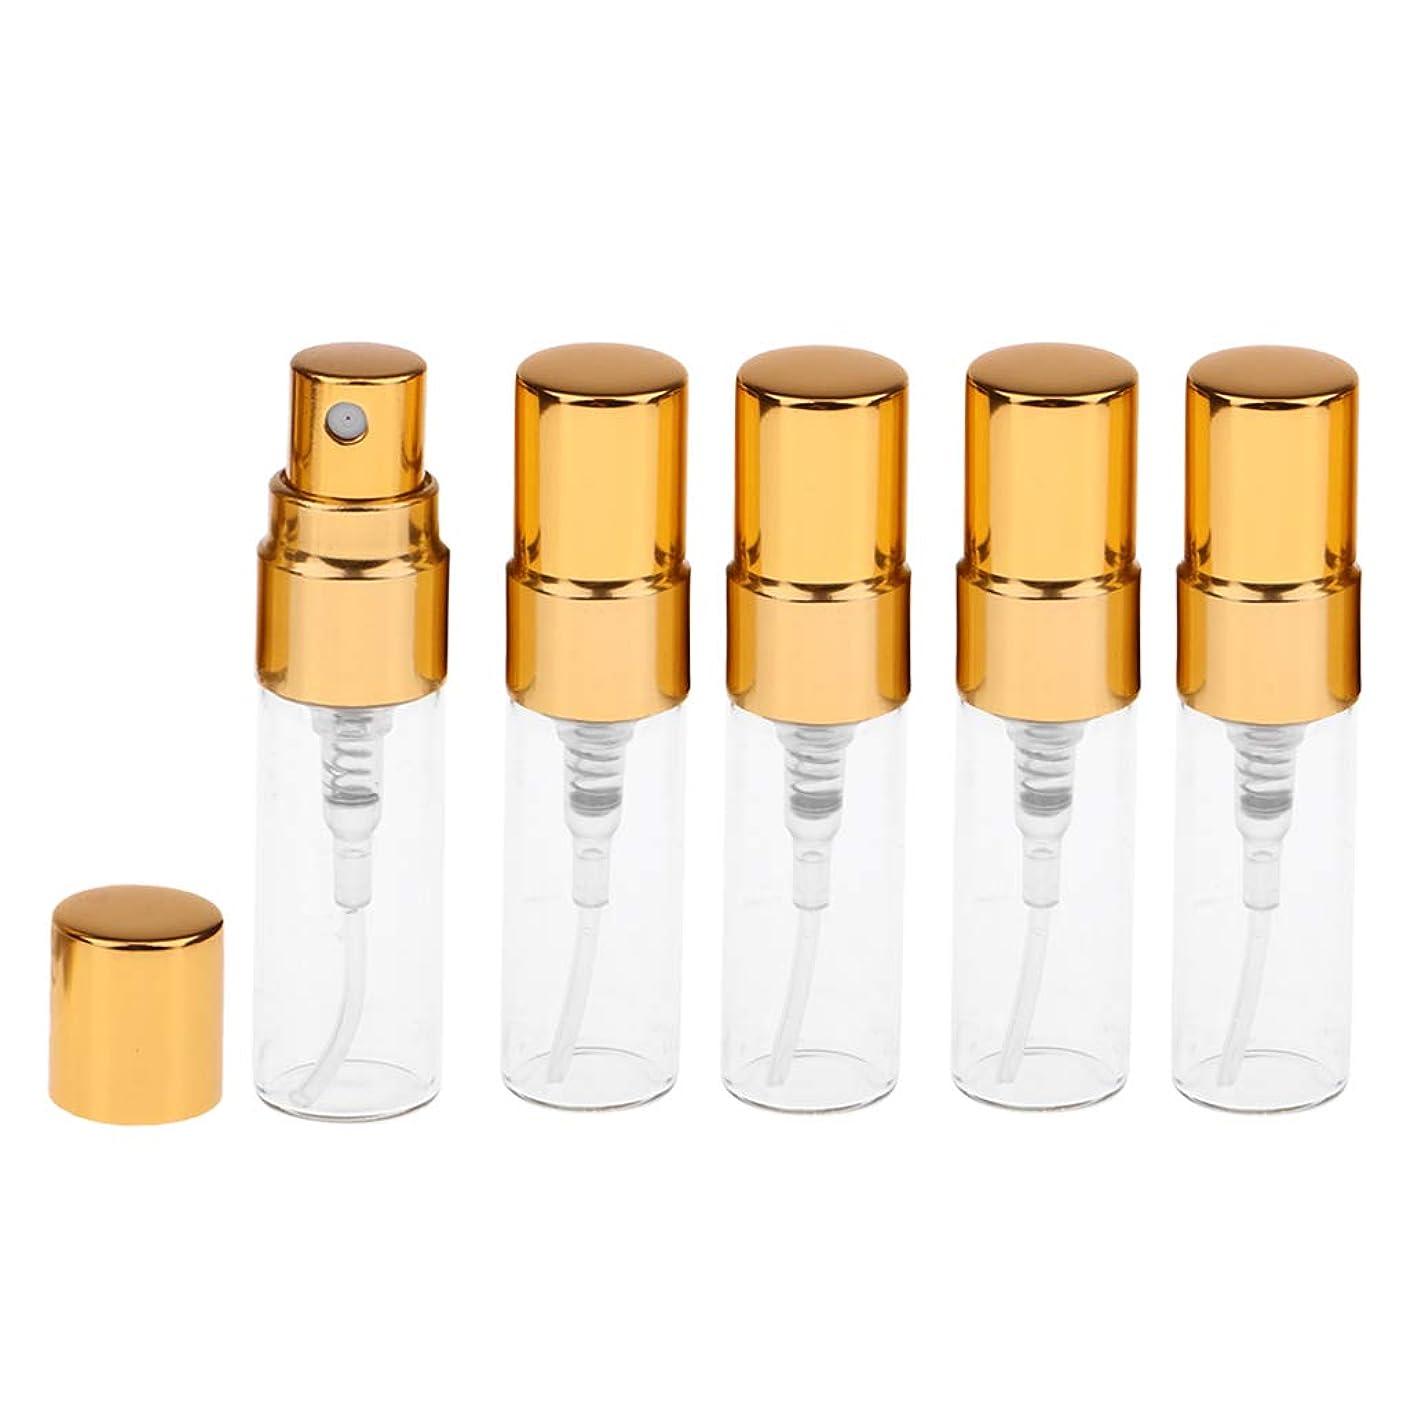 重大の量保育園Perfeclan 空の香水瓶 空のボトル 香水ボトル ミニ スプレーボトル フレグランスボトル ガラスボトル 全3色5個 - ゴールド